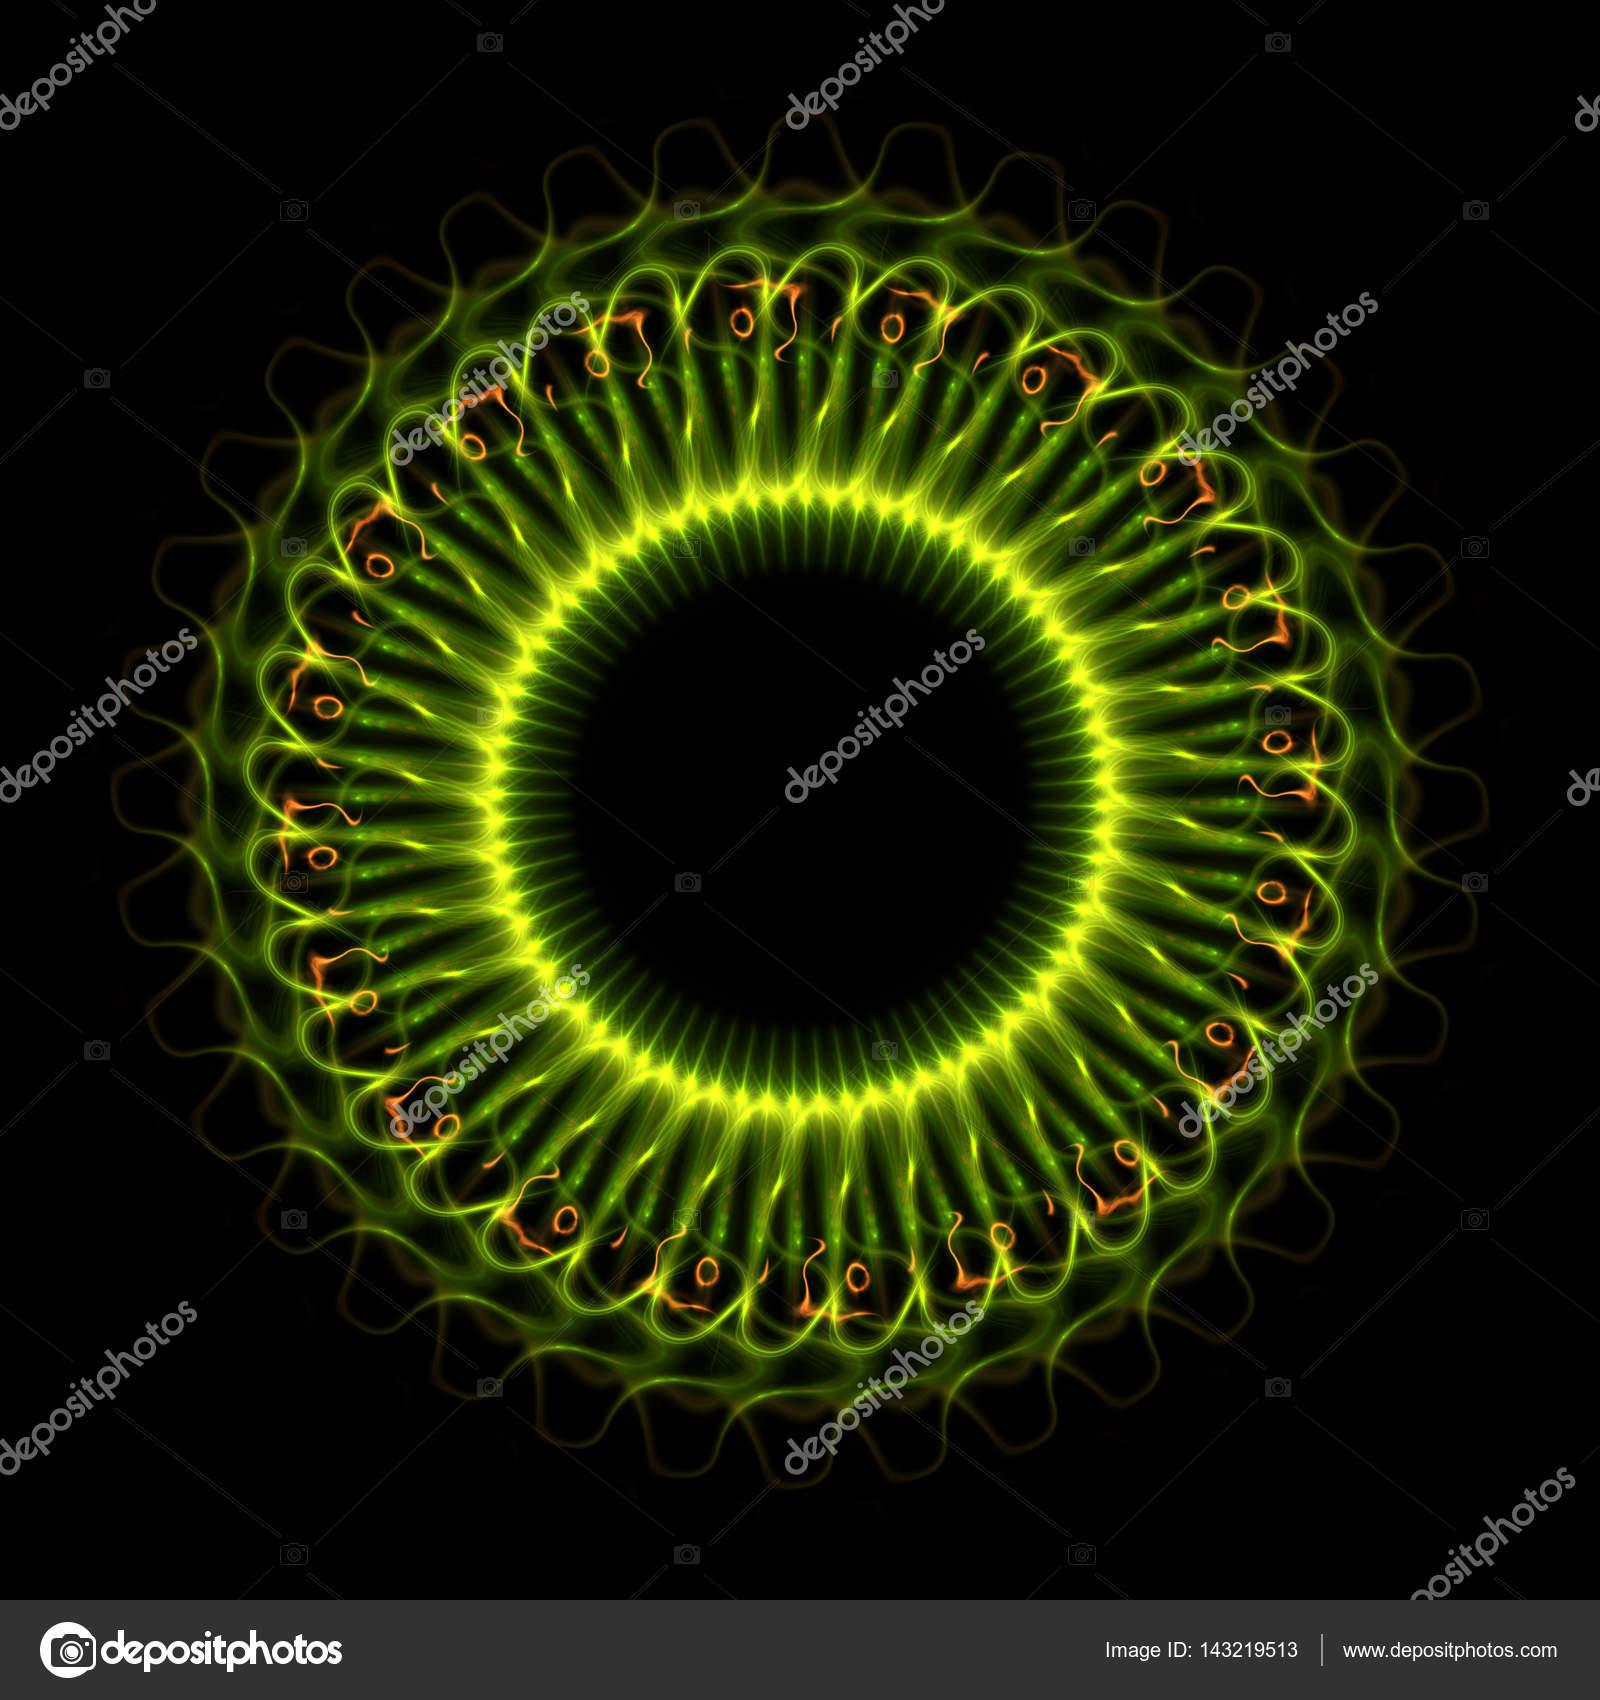 Menschliche Auge Detail. Seltsame grüne Augen gefährliche Tier mit ...